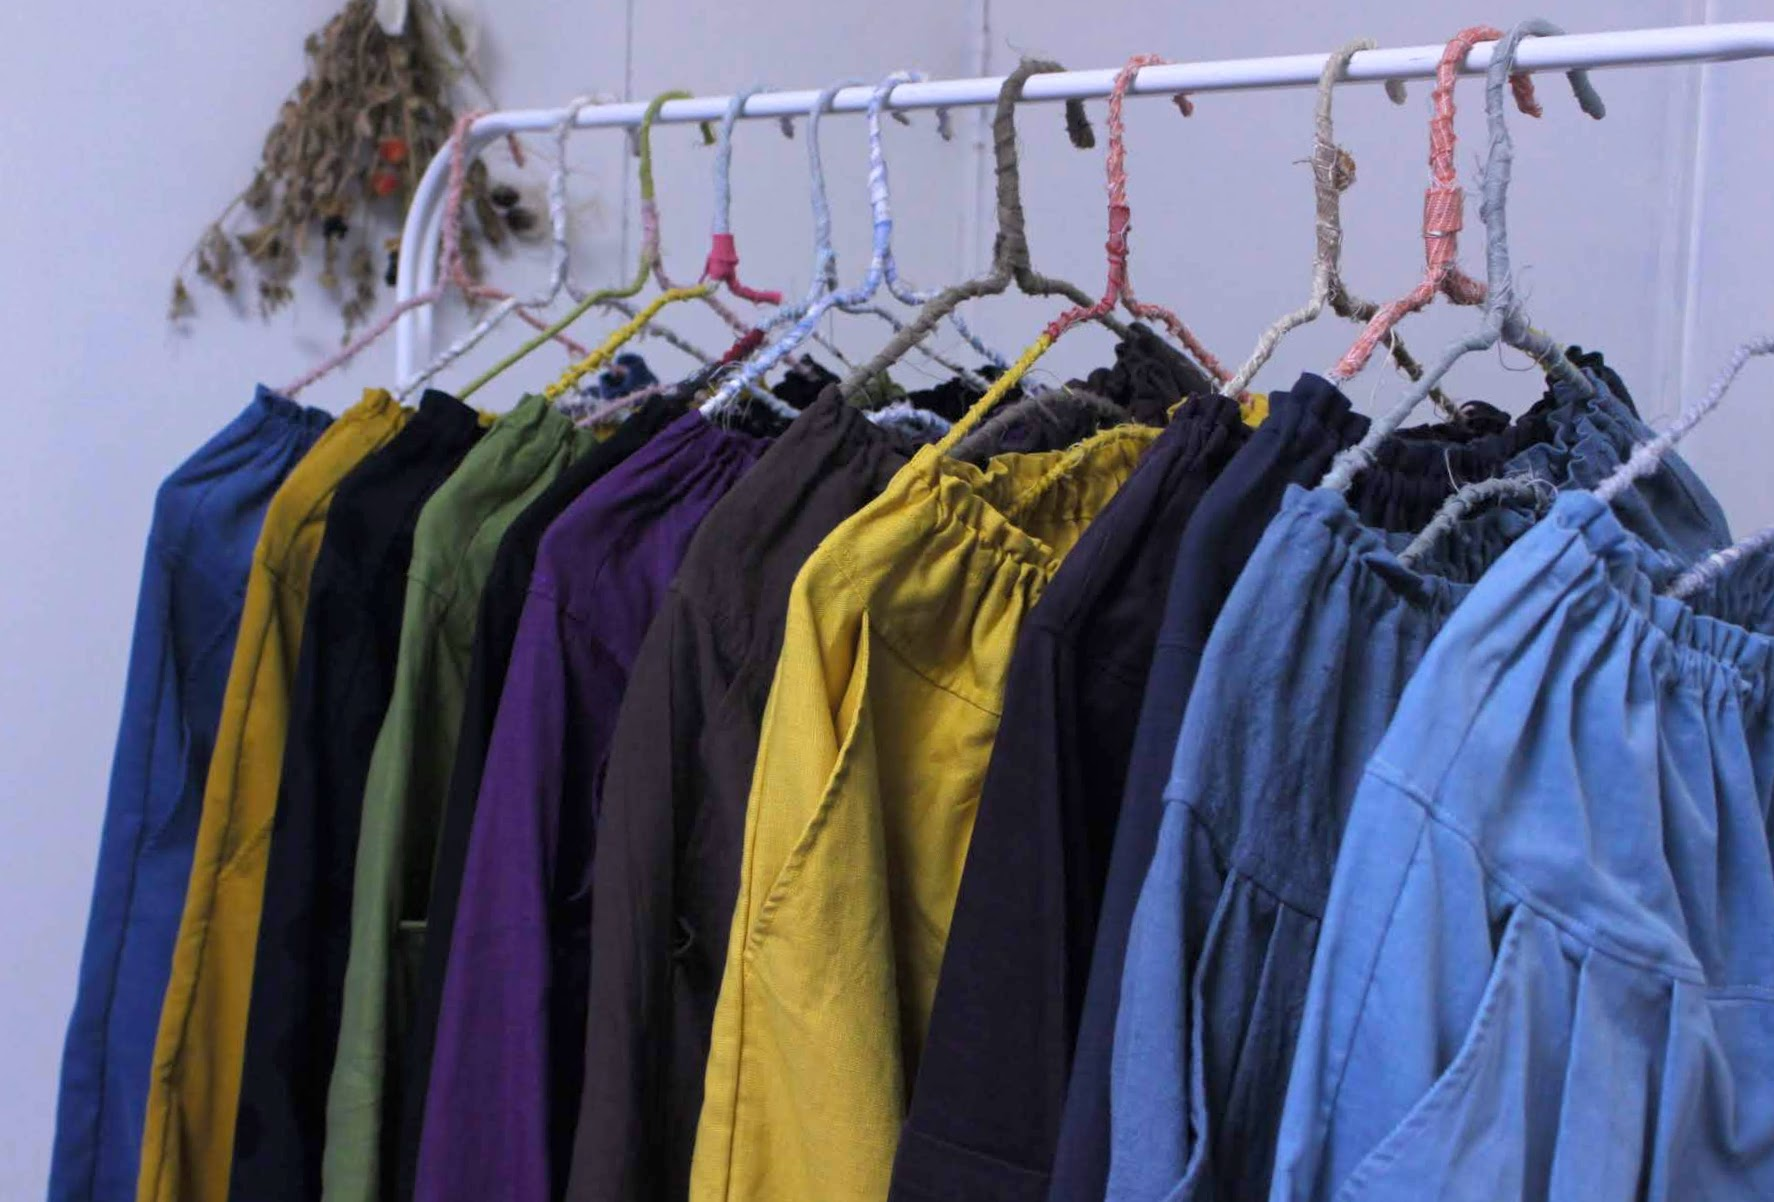 千葉の印旛の家ギャラリーさんへ追加のお洋服お届けいたします